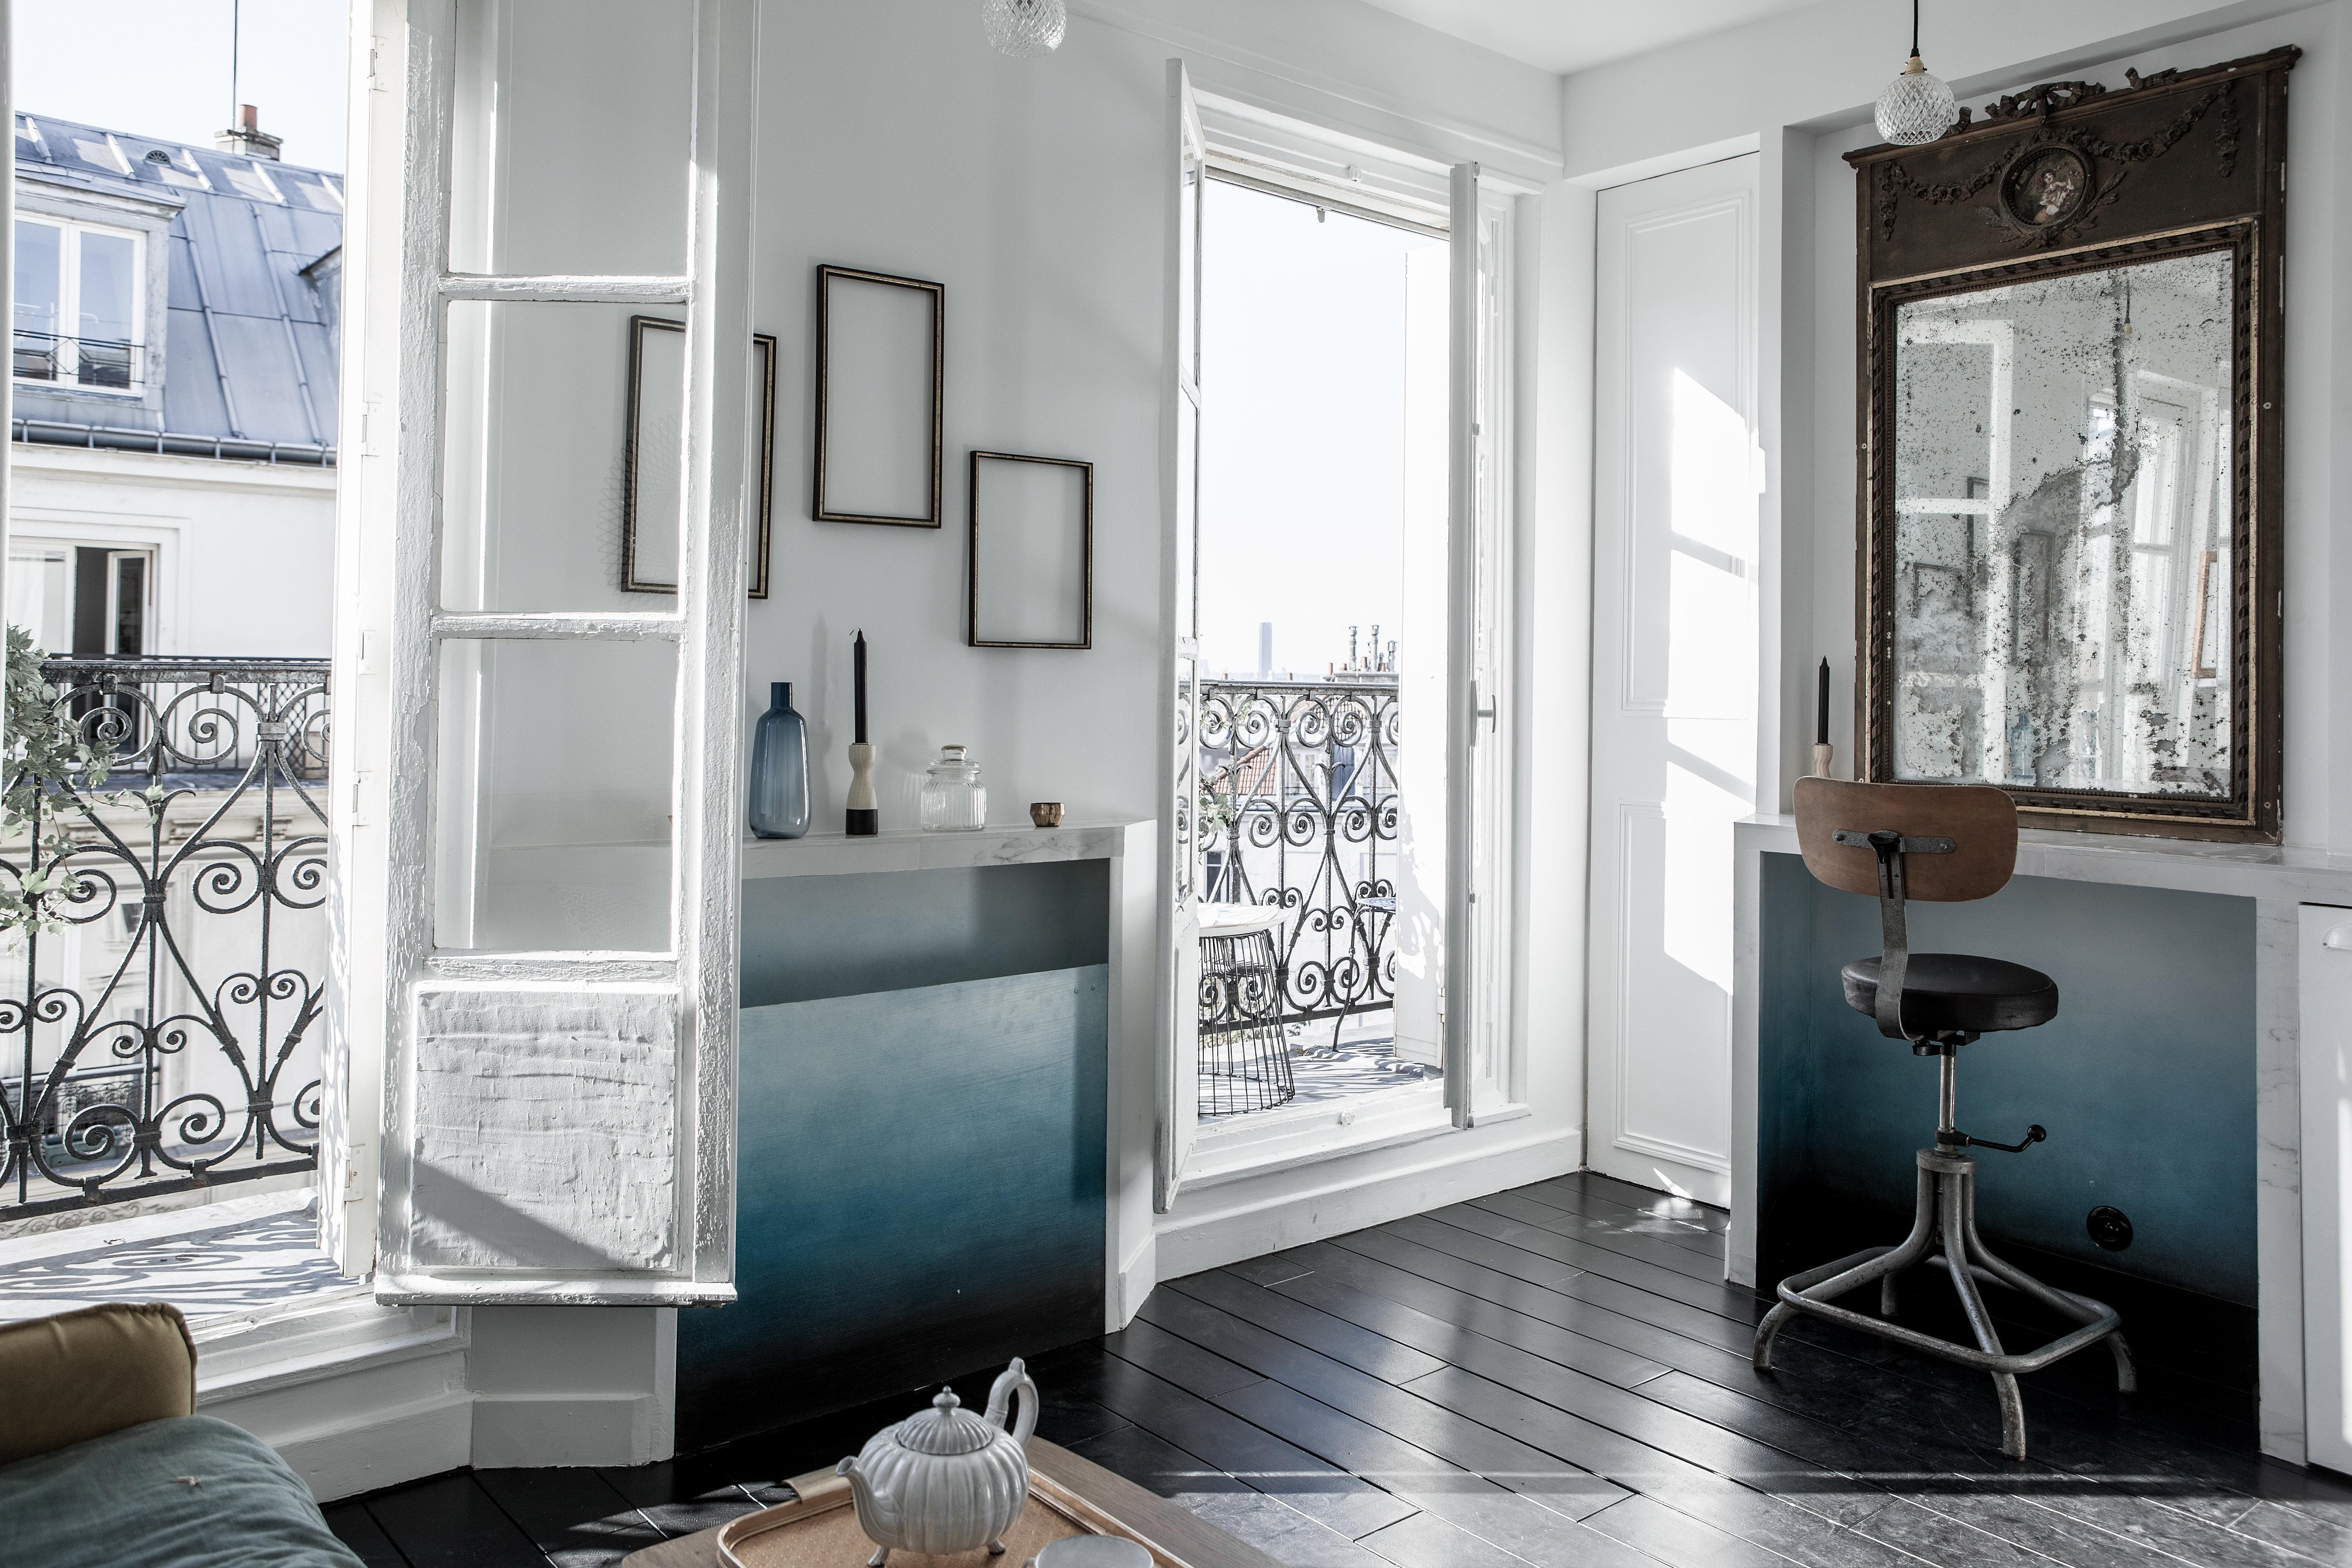 miriam gassmann architecte d 39 int rieur paris. Black Bedroom Furniture Sets. Home Design Ideas